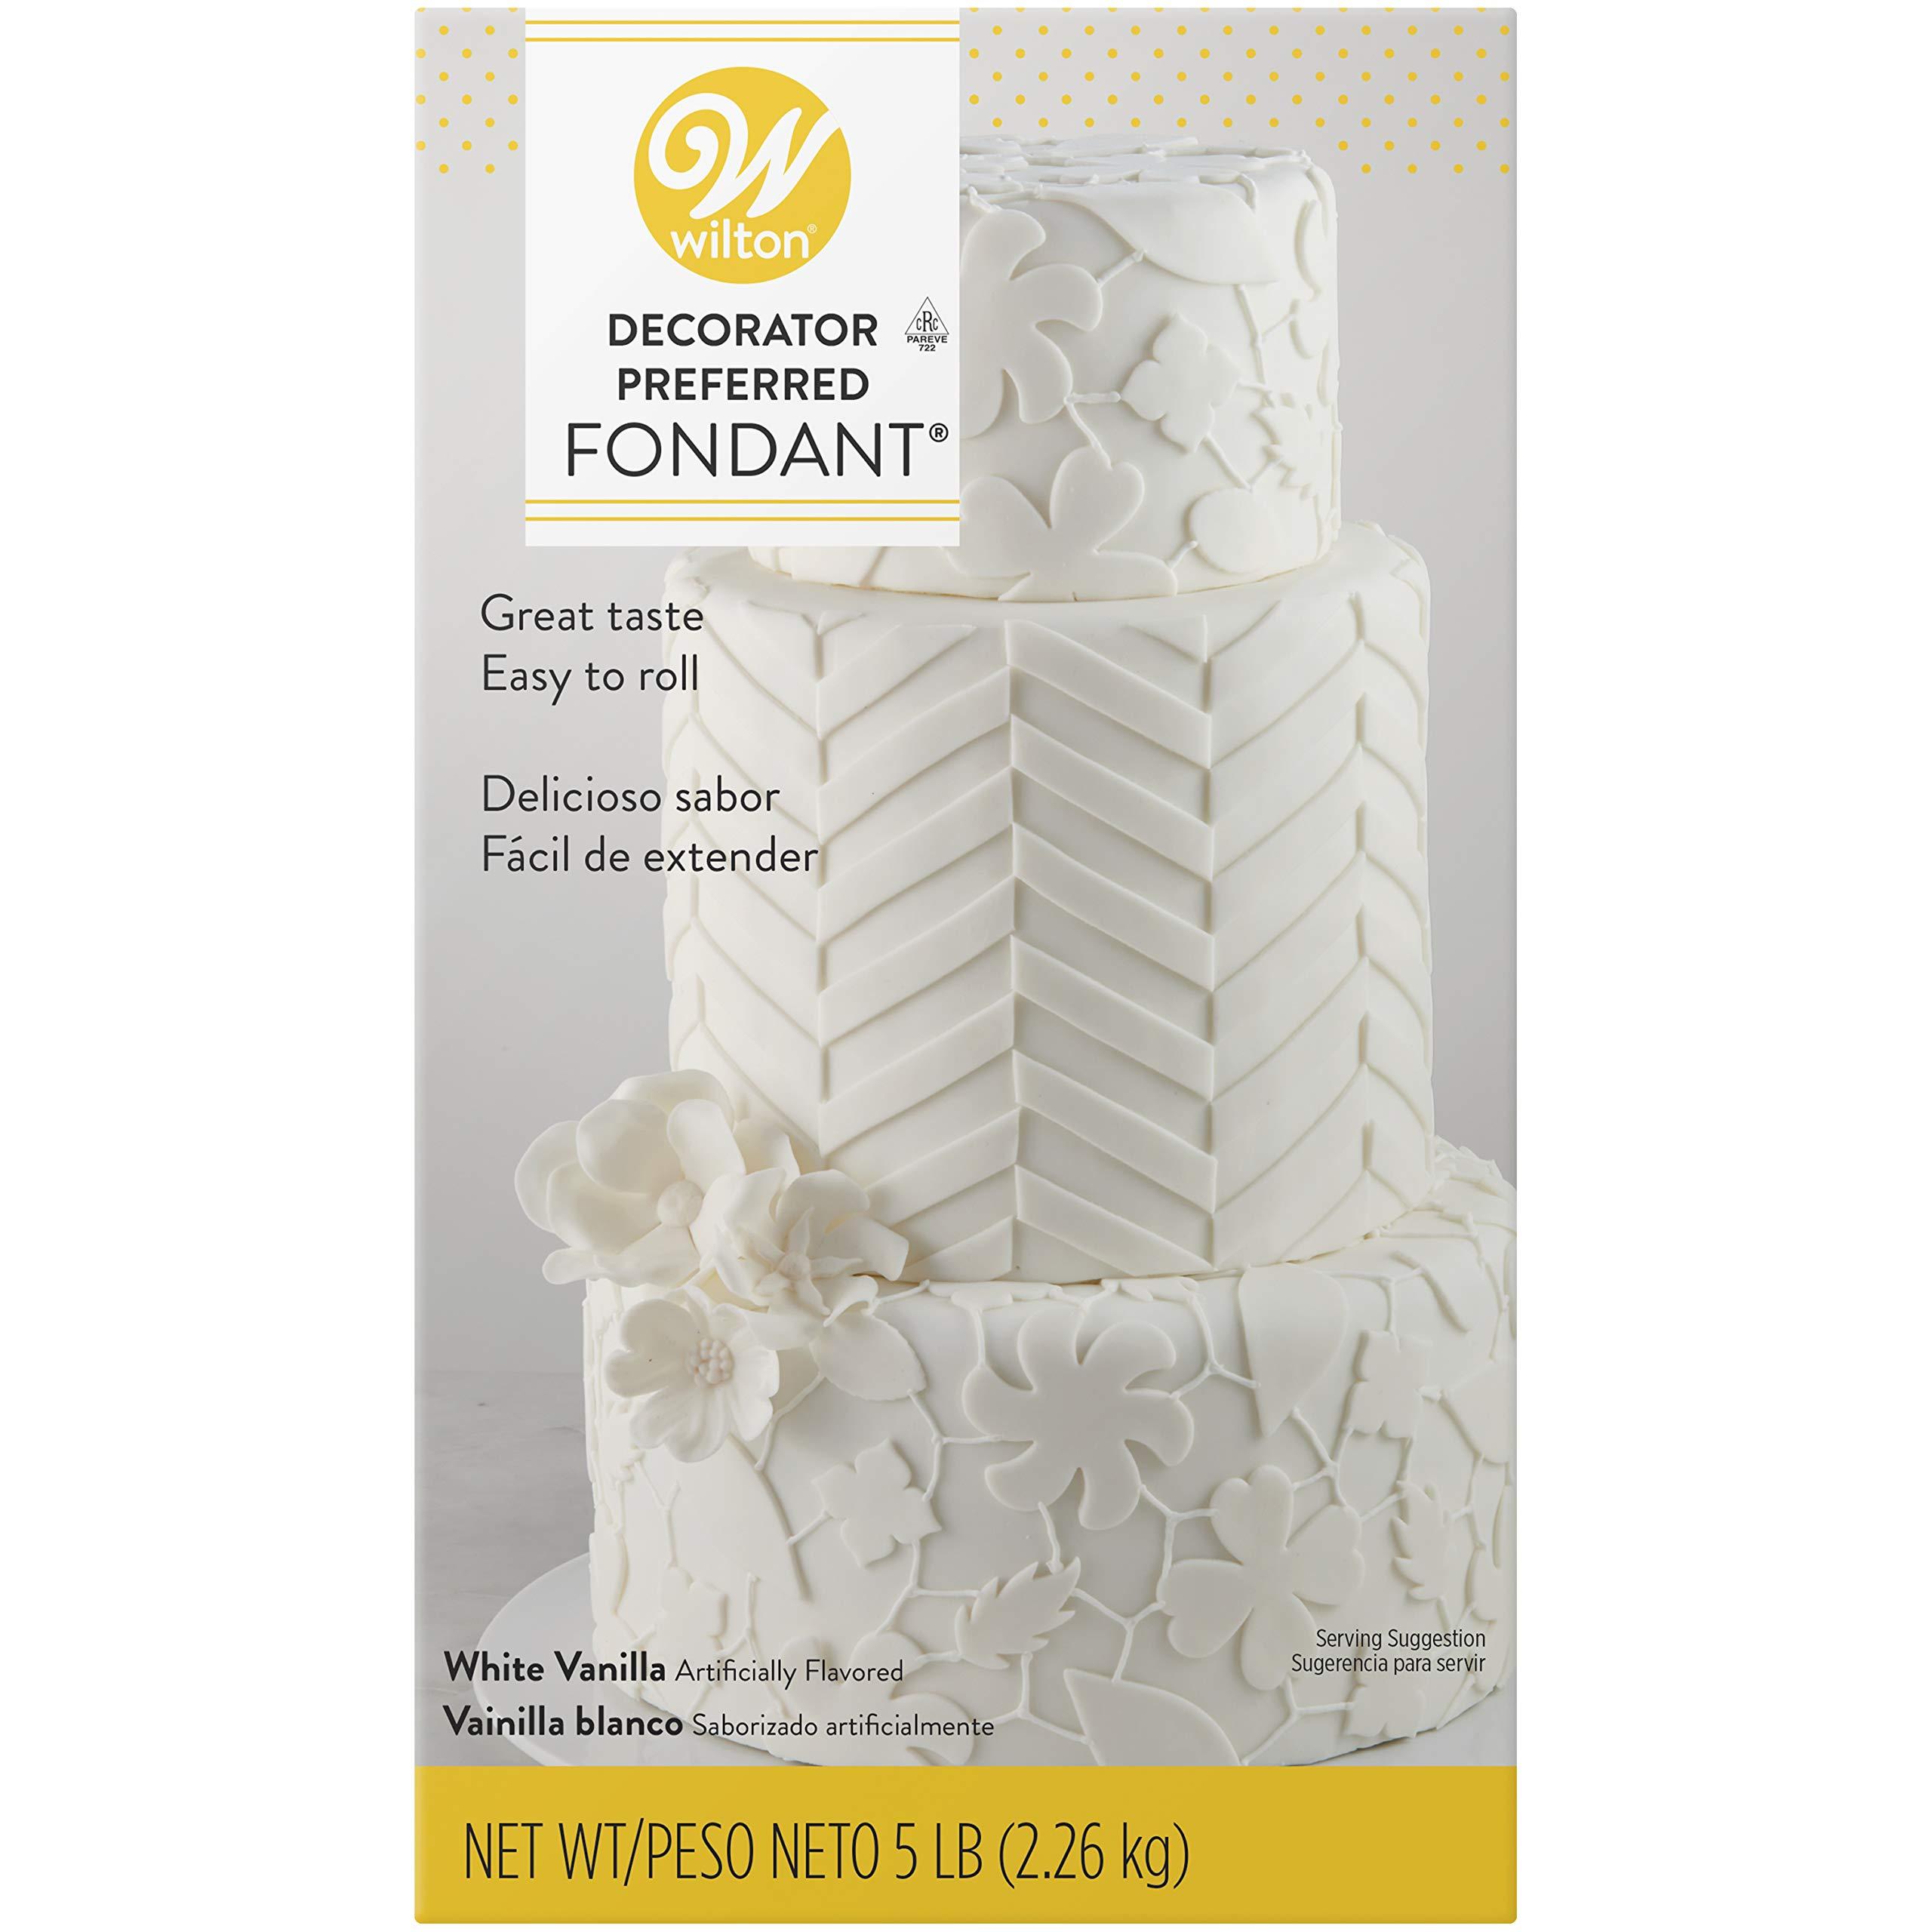 Wilton Decorator Preferred White, 5 lb. Fondant, Pack of 1